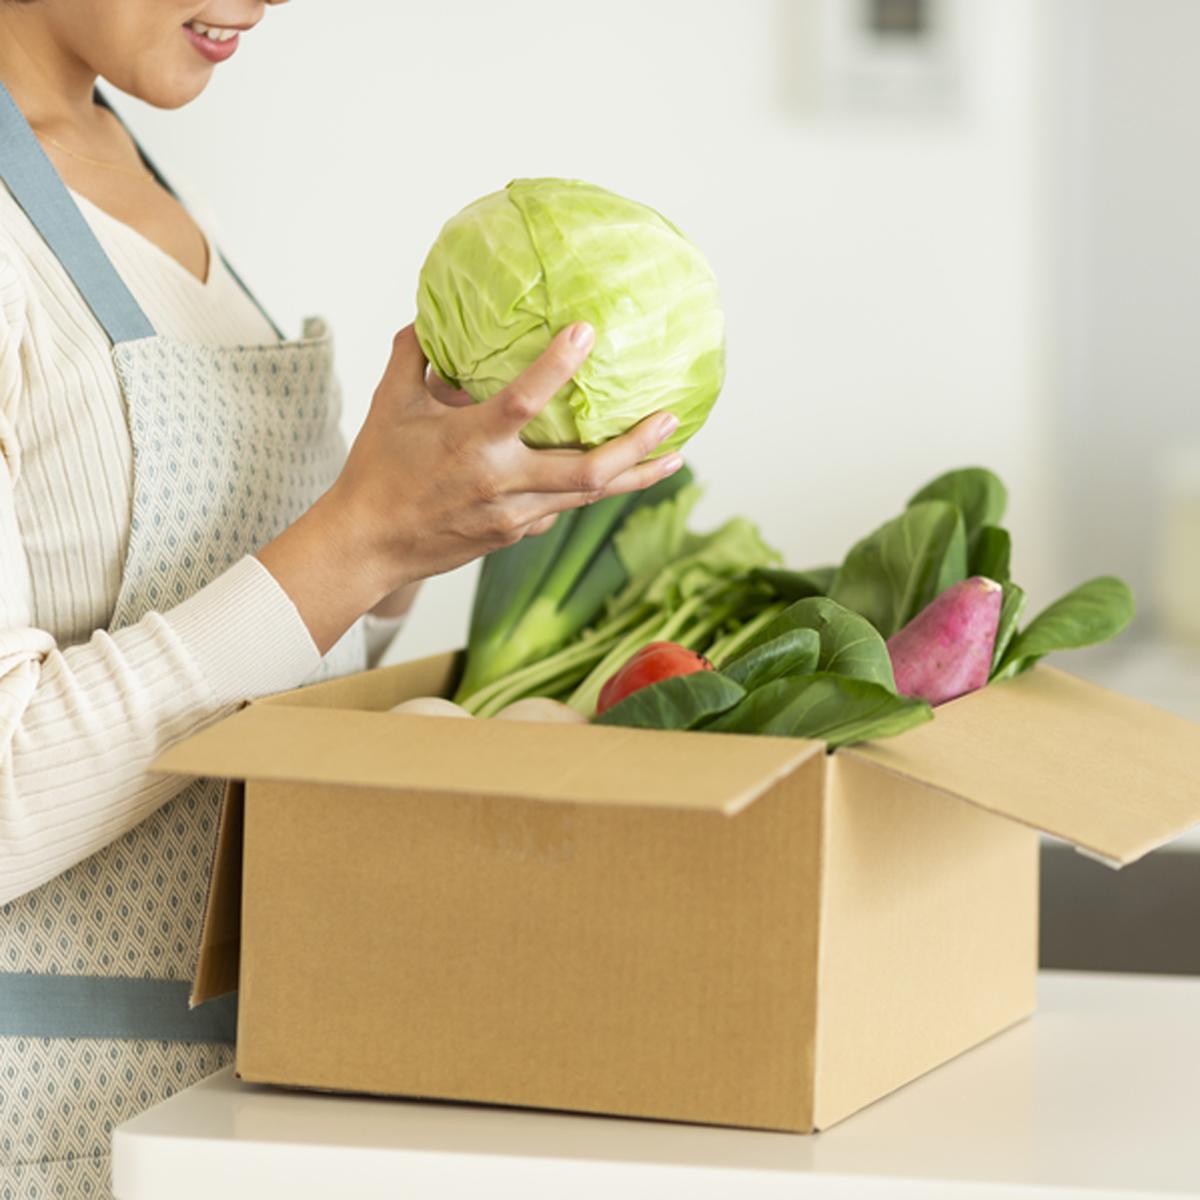 食材や日用品が家に届く「ネットスーパー」4社比較 家事・節約のプロはこう使う